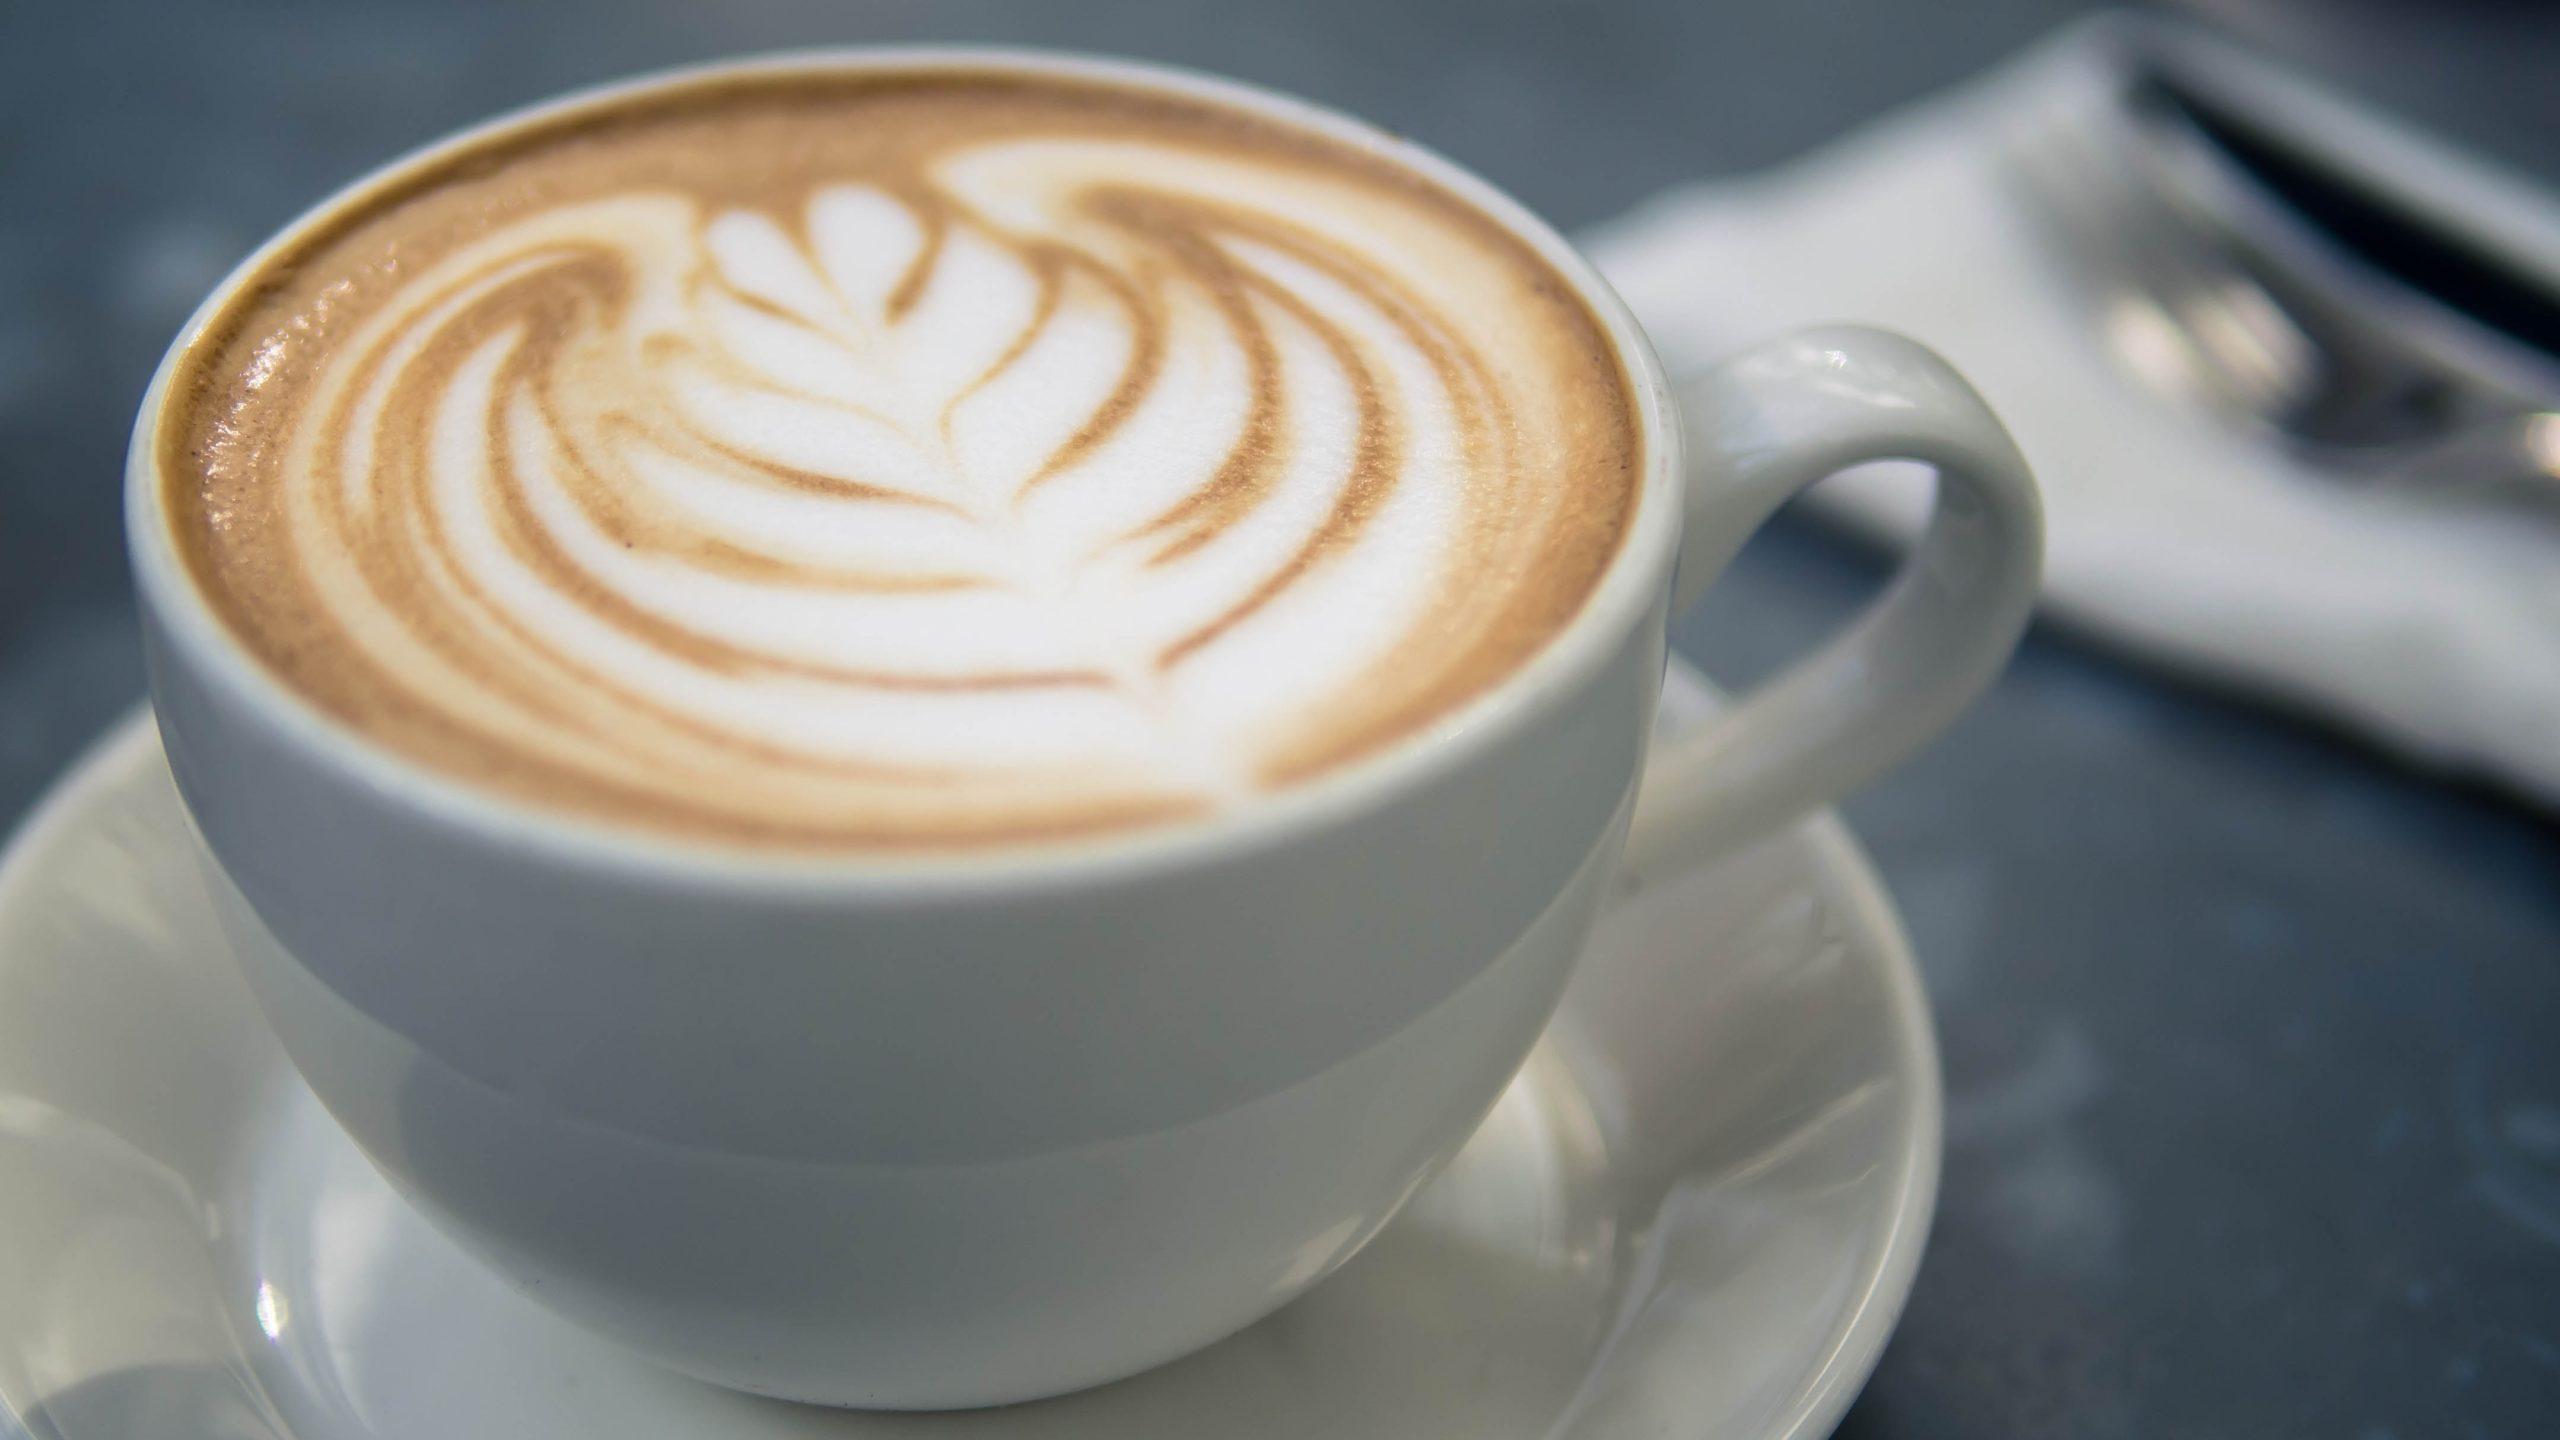 渋谷駅新南口 打ち合わせカフェ DOUBLE TALL CAFE 渋谷店 Wi-Fi